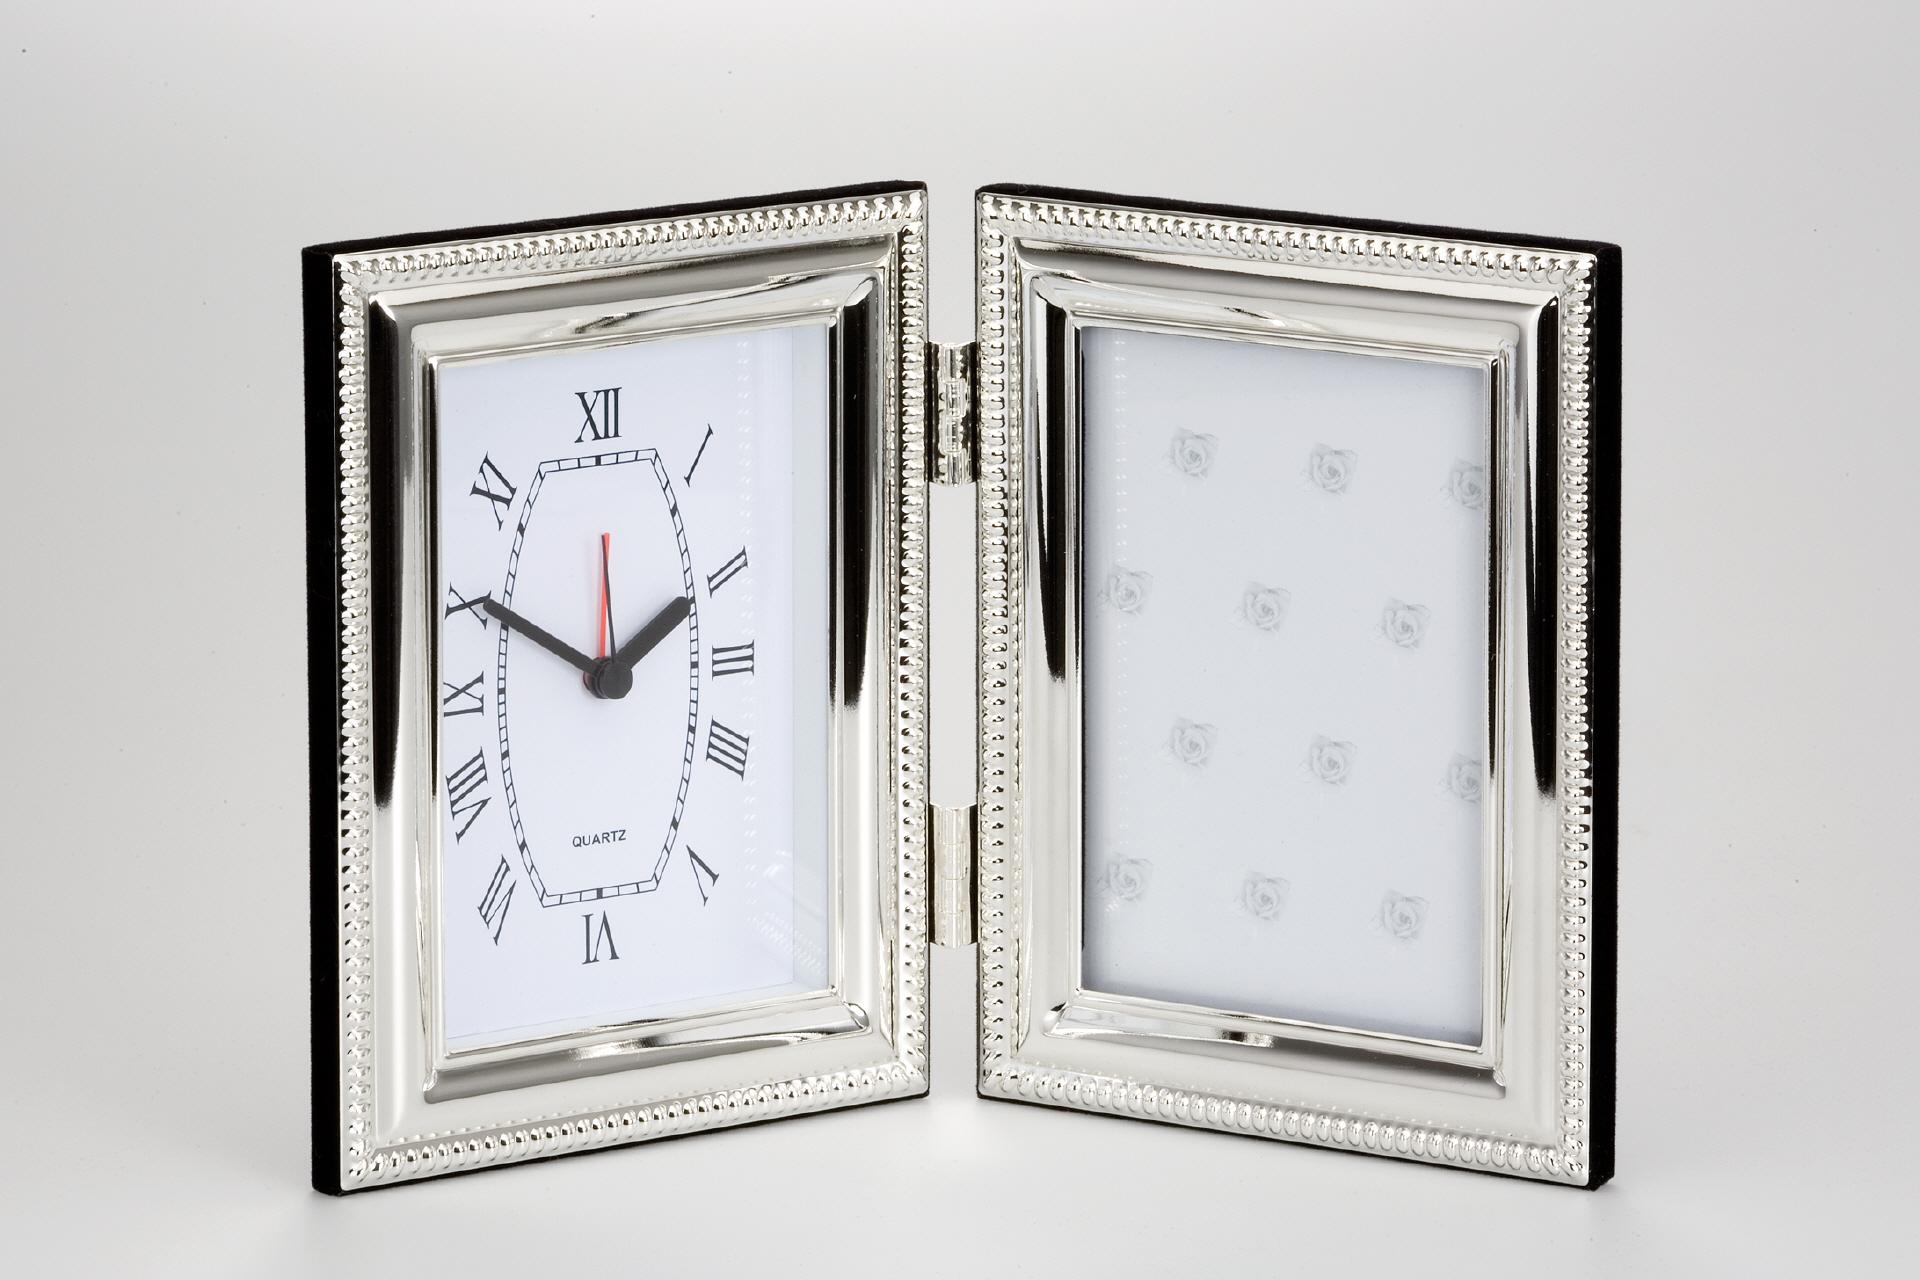 Fantastisch Waterford Kristallfeld 4x6 Fotos - Rahmen Ideen ...